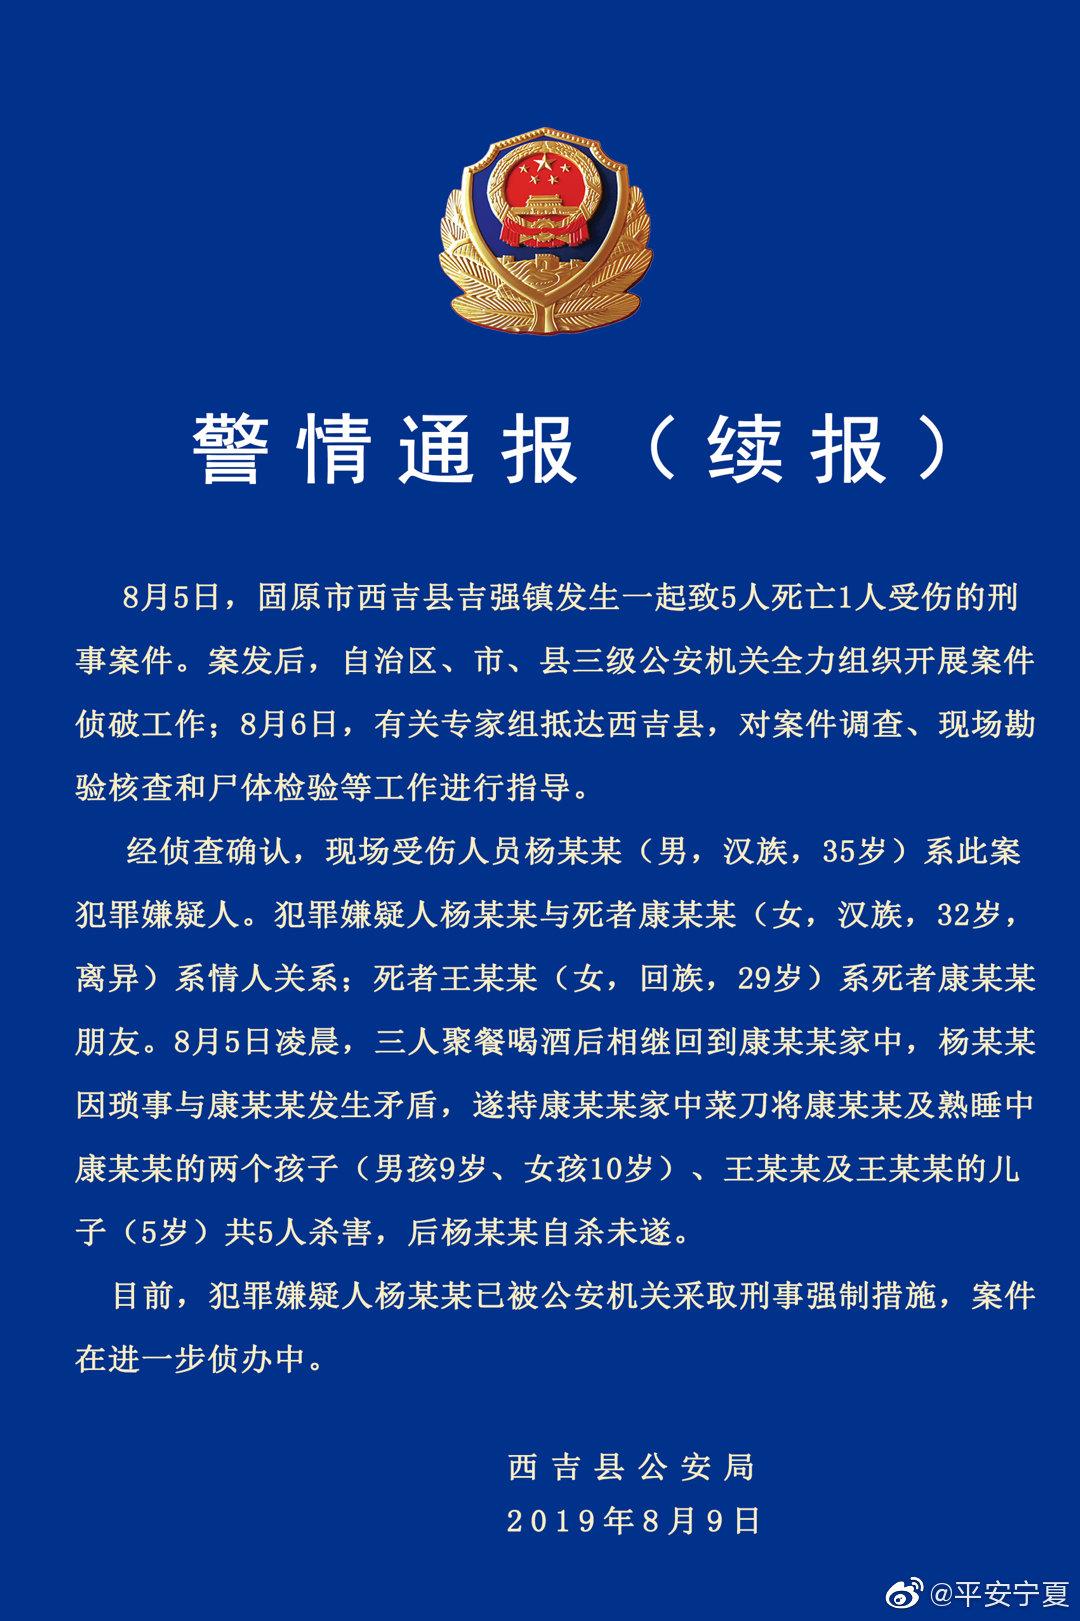 热血无赖一分钟密码 宁夏警方通报5死1伤命案:嫌犯与一遇害者系情人关系